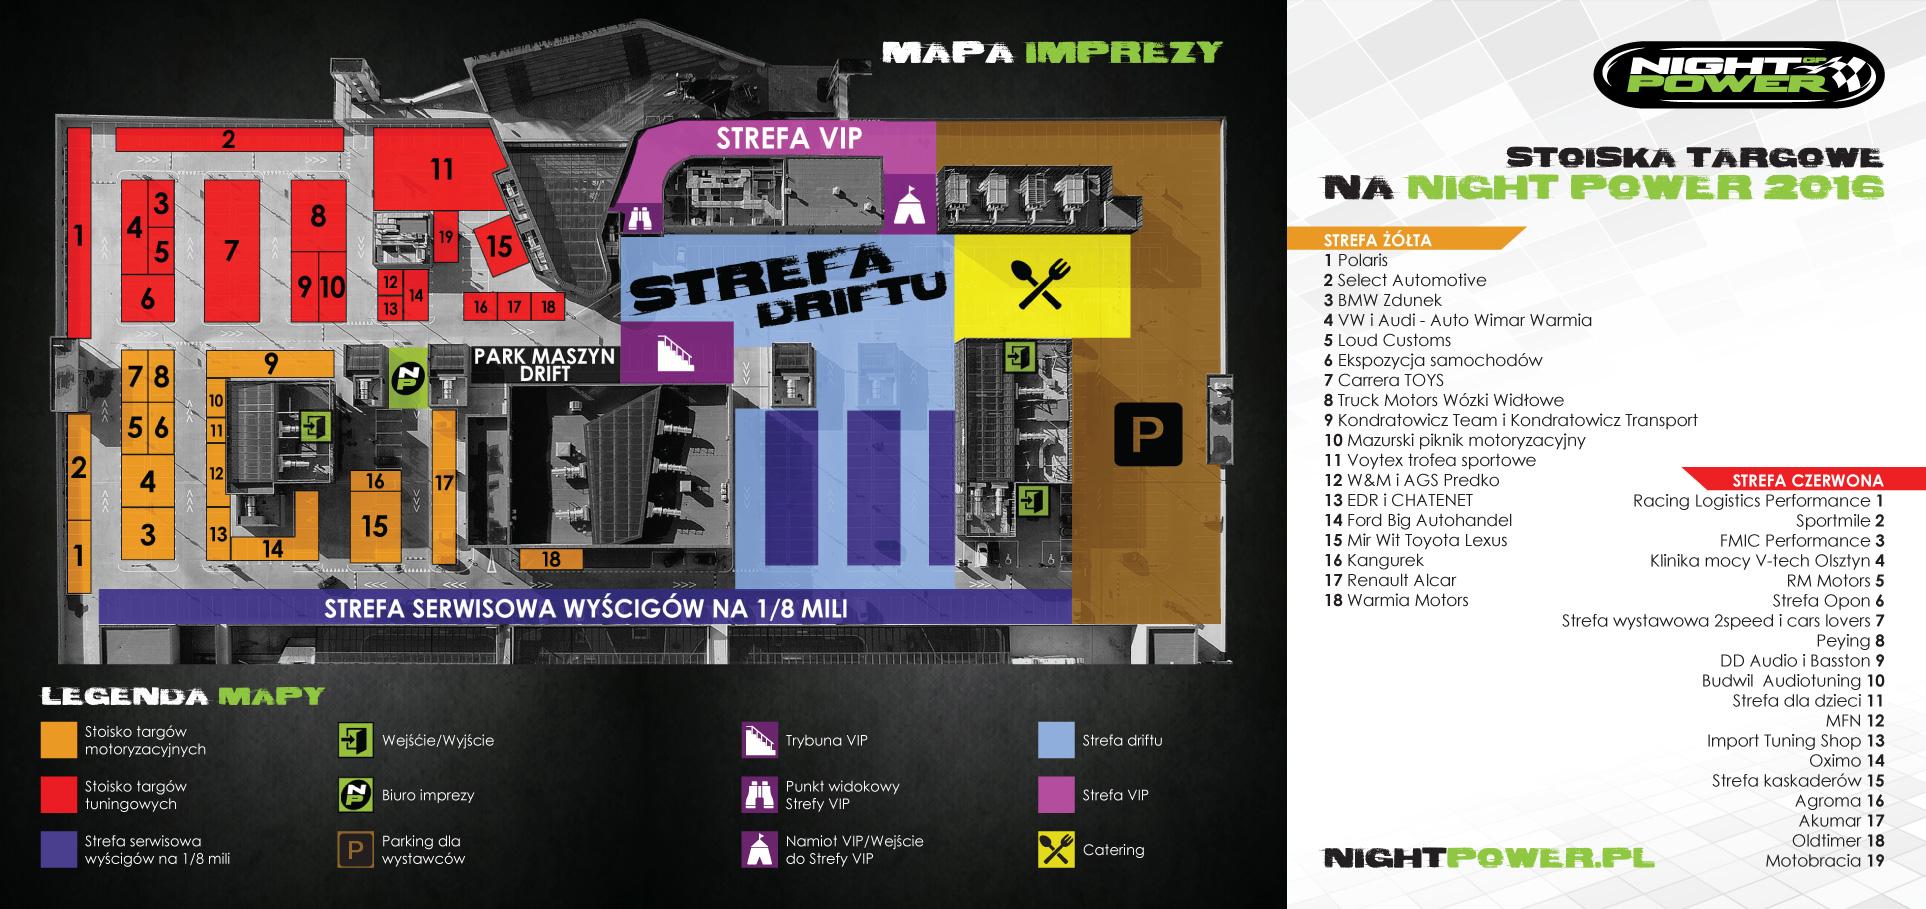 mapa-imprezy